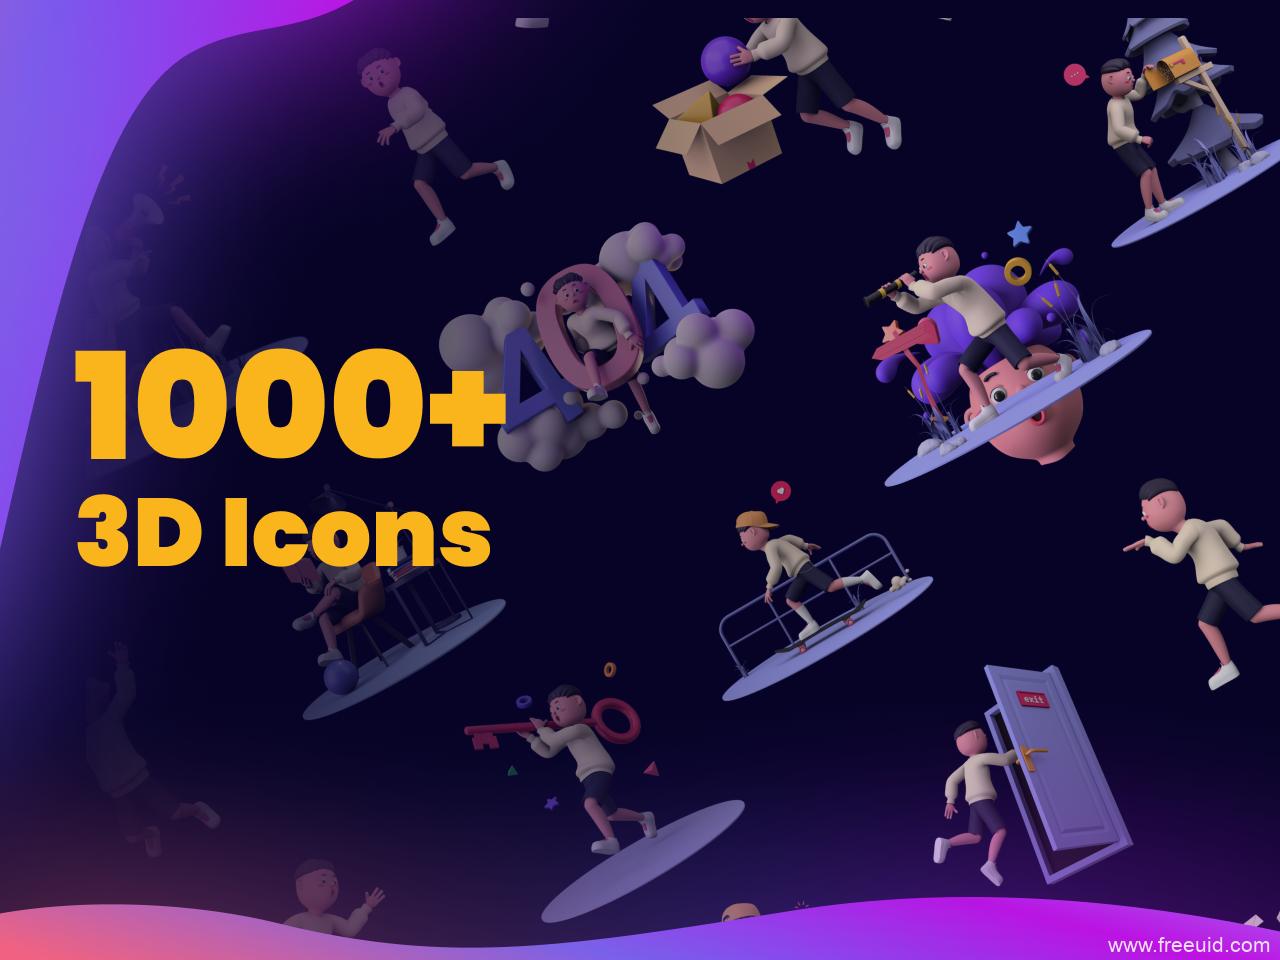 1000个3D插画人物角色、手势、icon图标、道具素材figma源文件下载